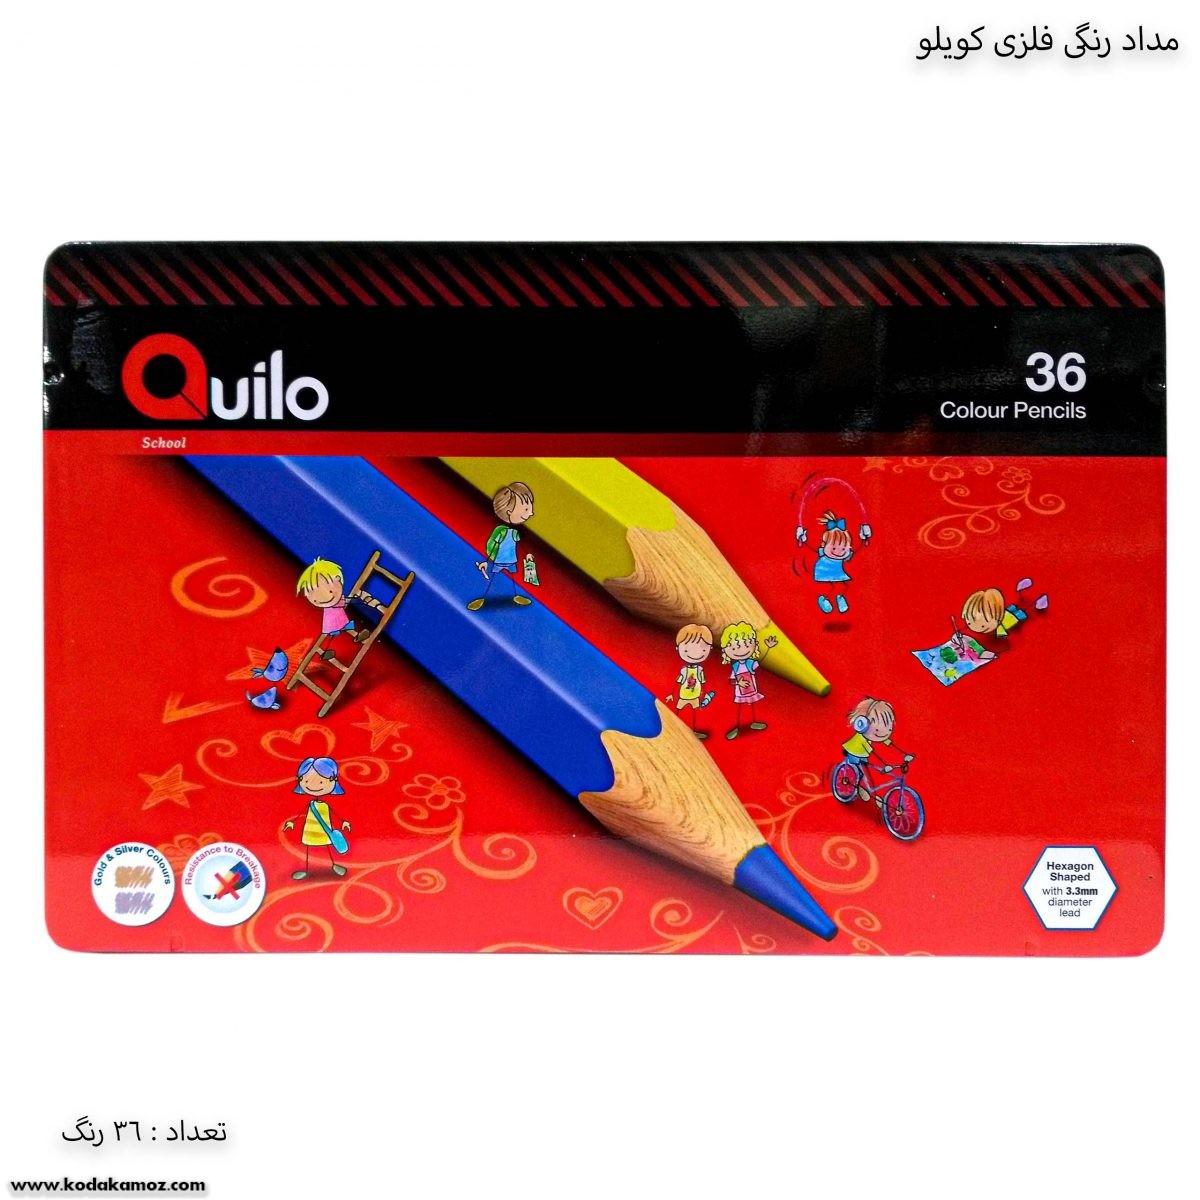 مداد رنگی 36 فلزی کویلو 2